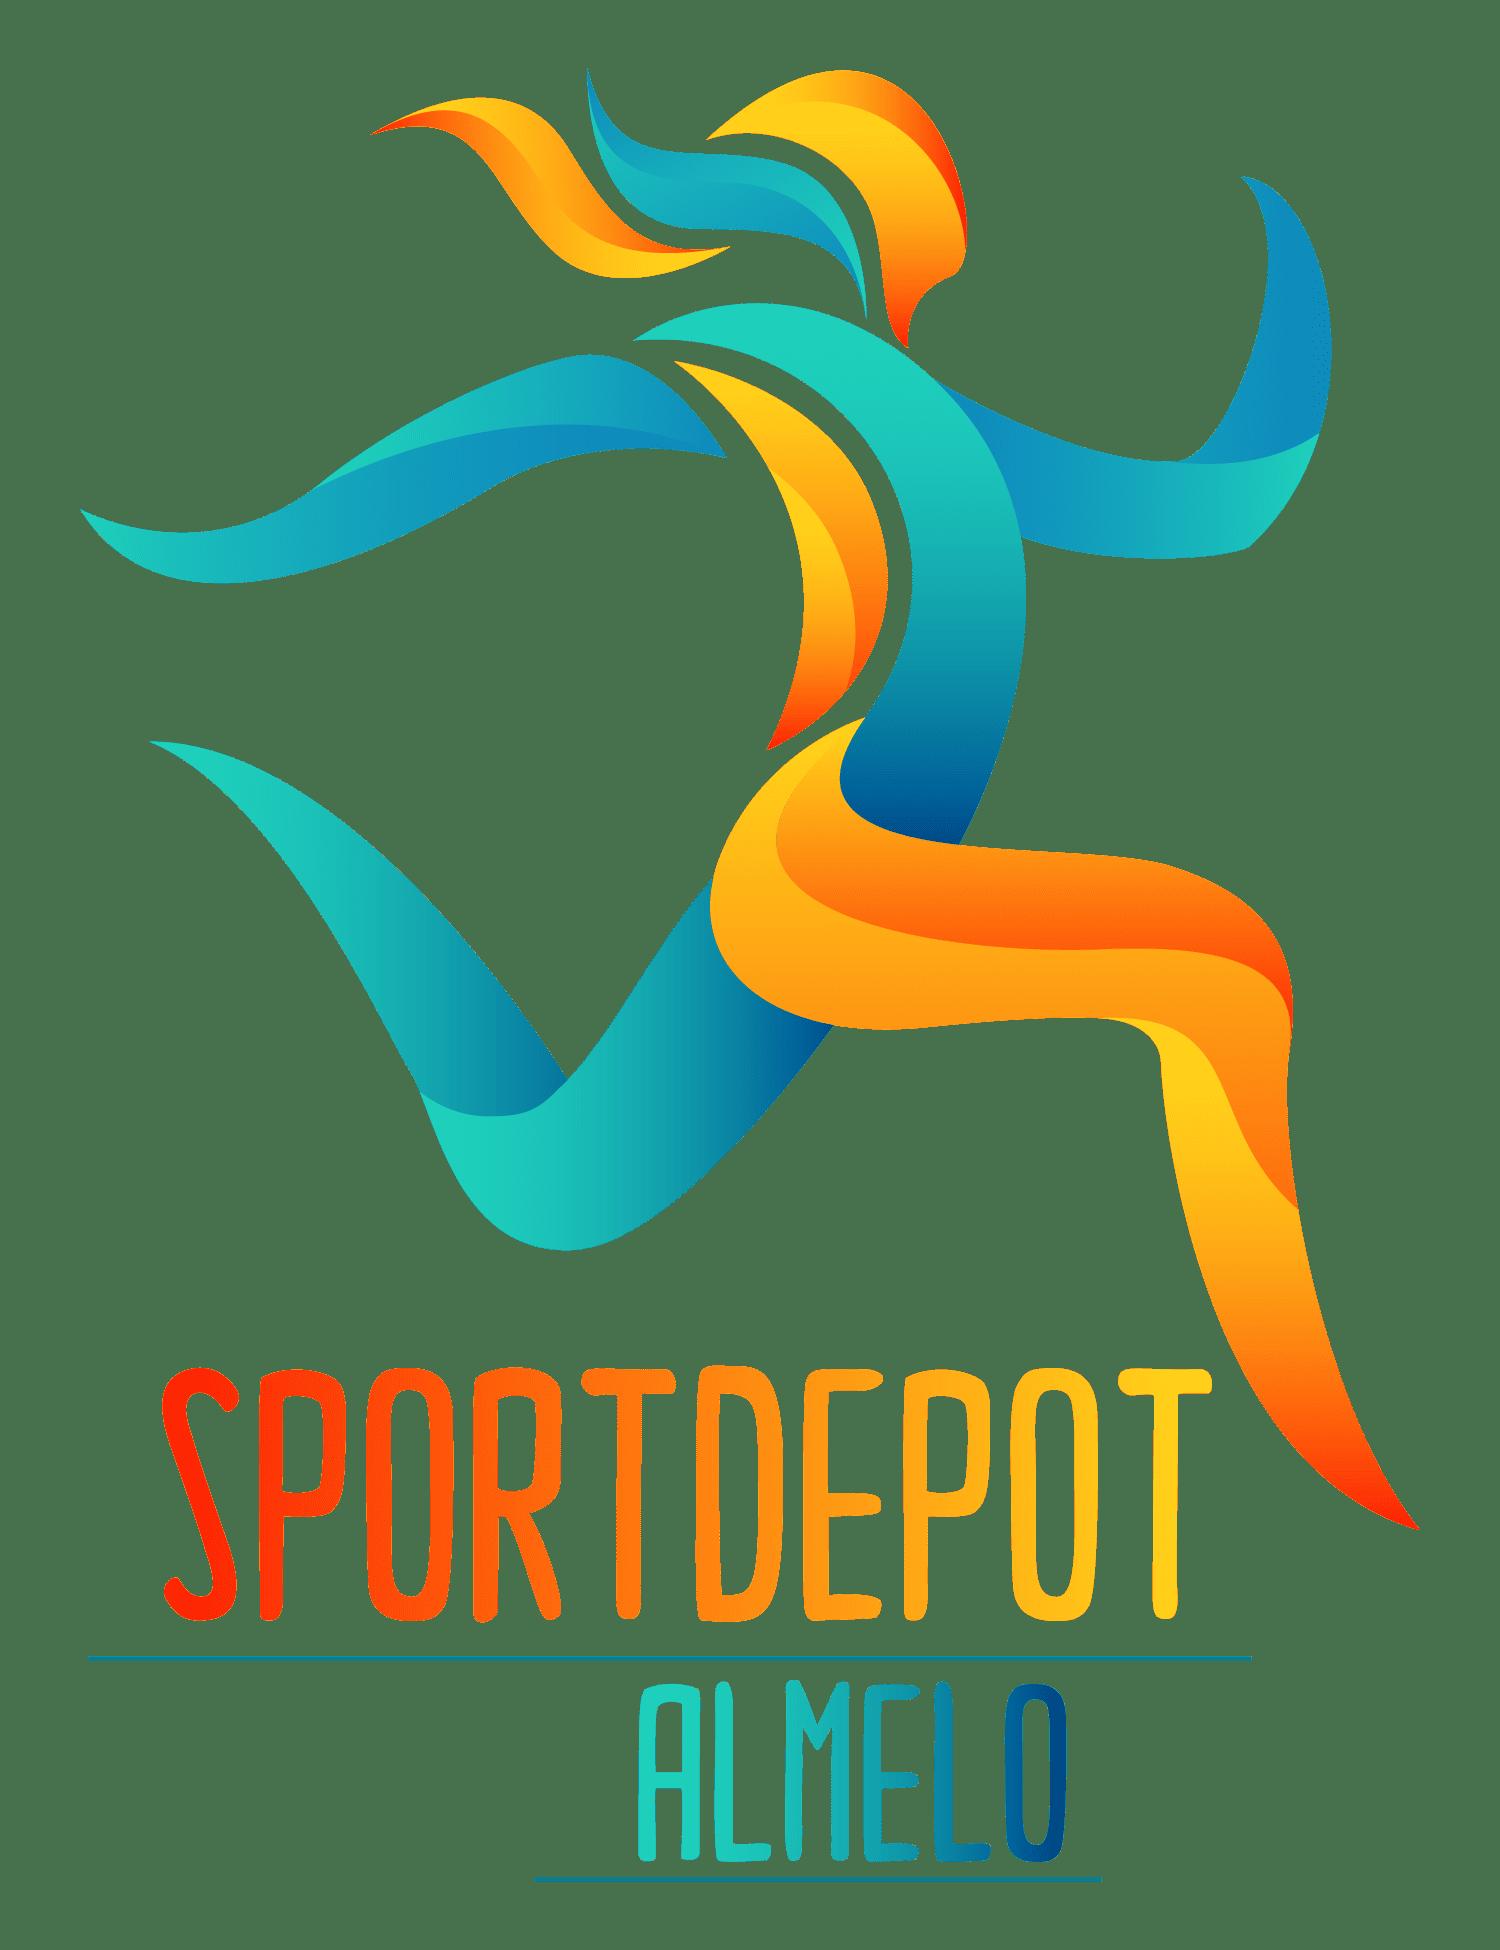 Sportdepot Almelo